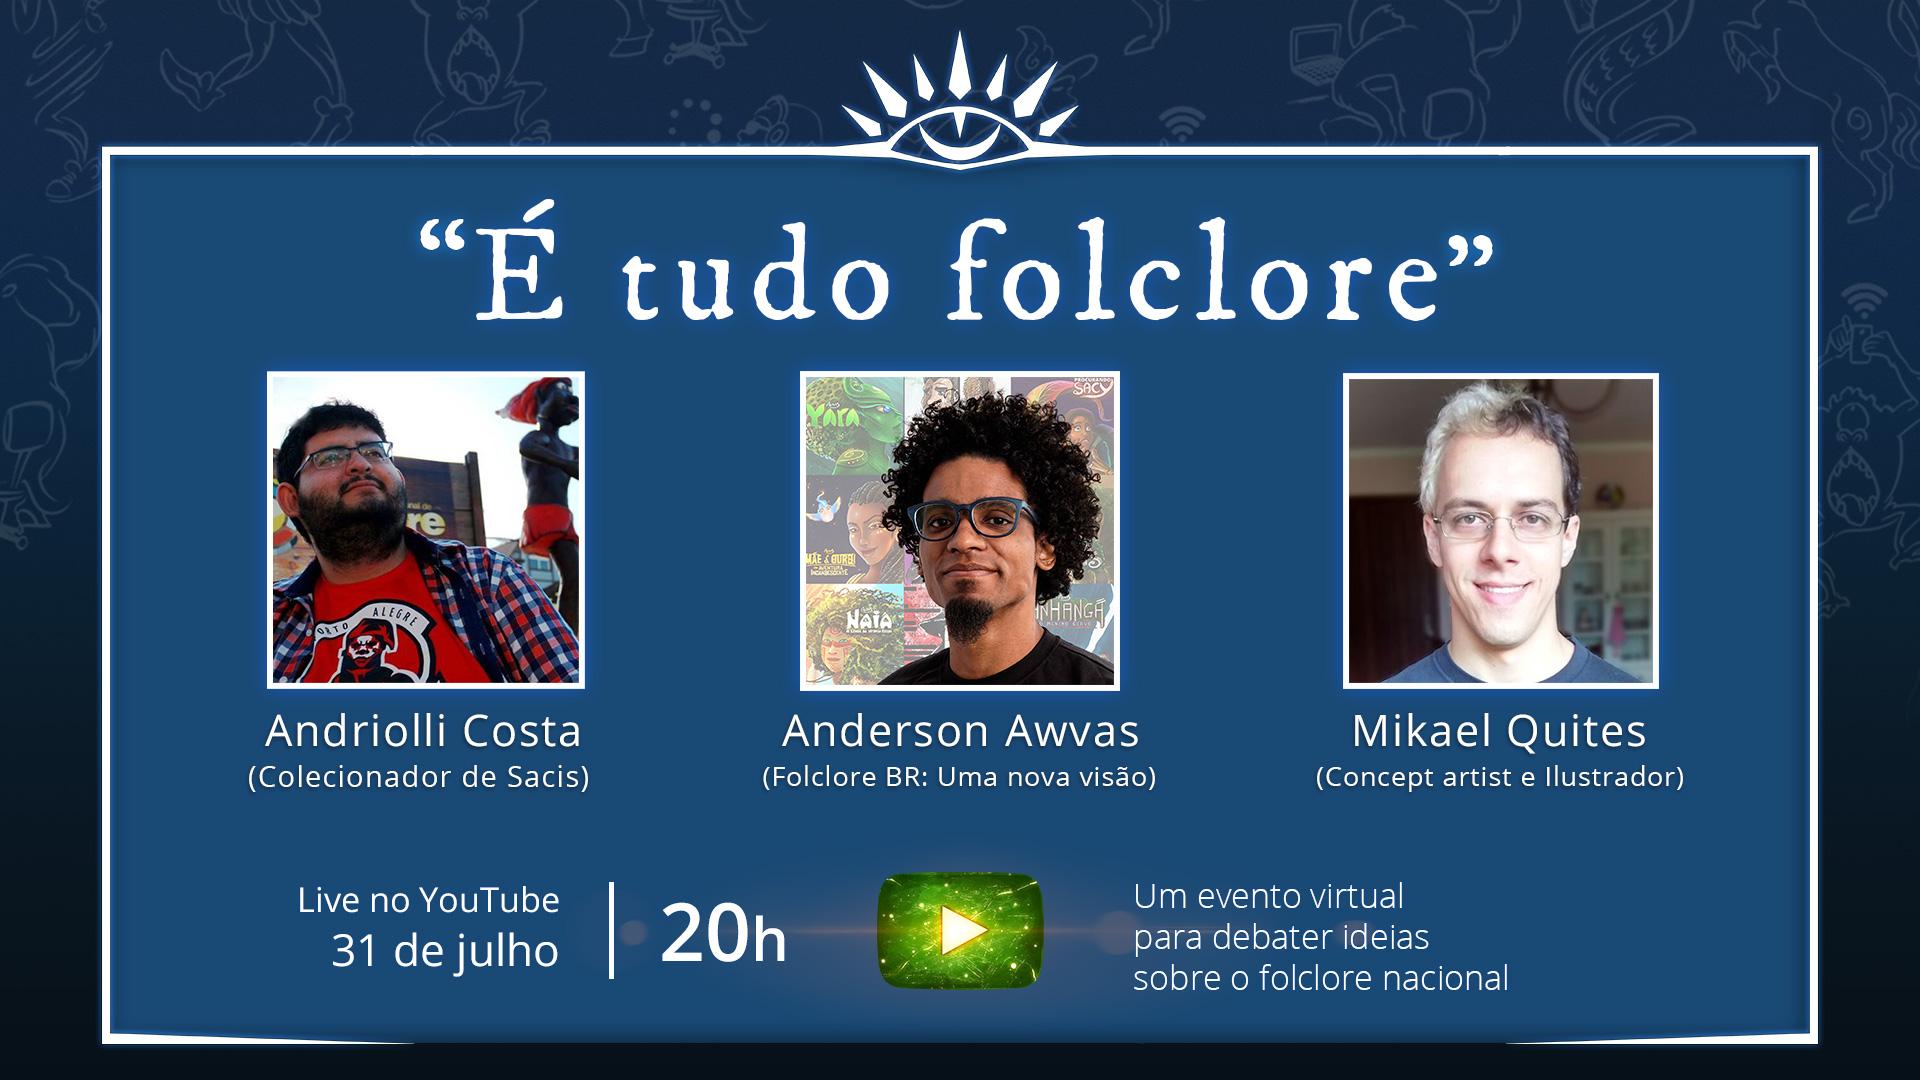 No mês do folclore, iniciativa divulga na web projetos inspirados na cultura popular brasileira 4